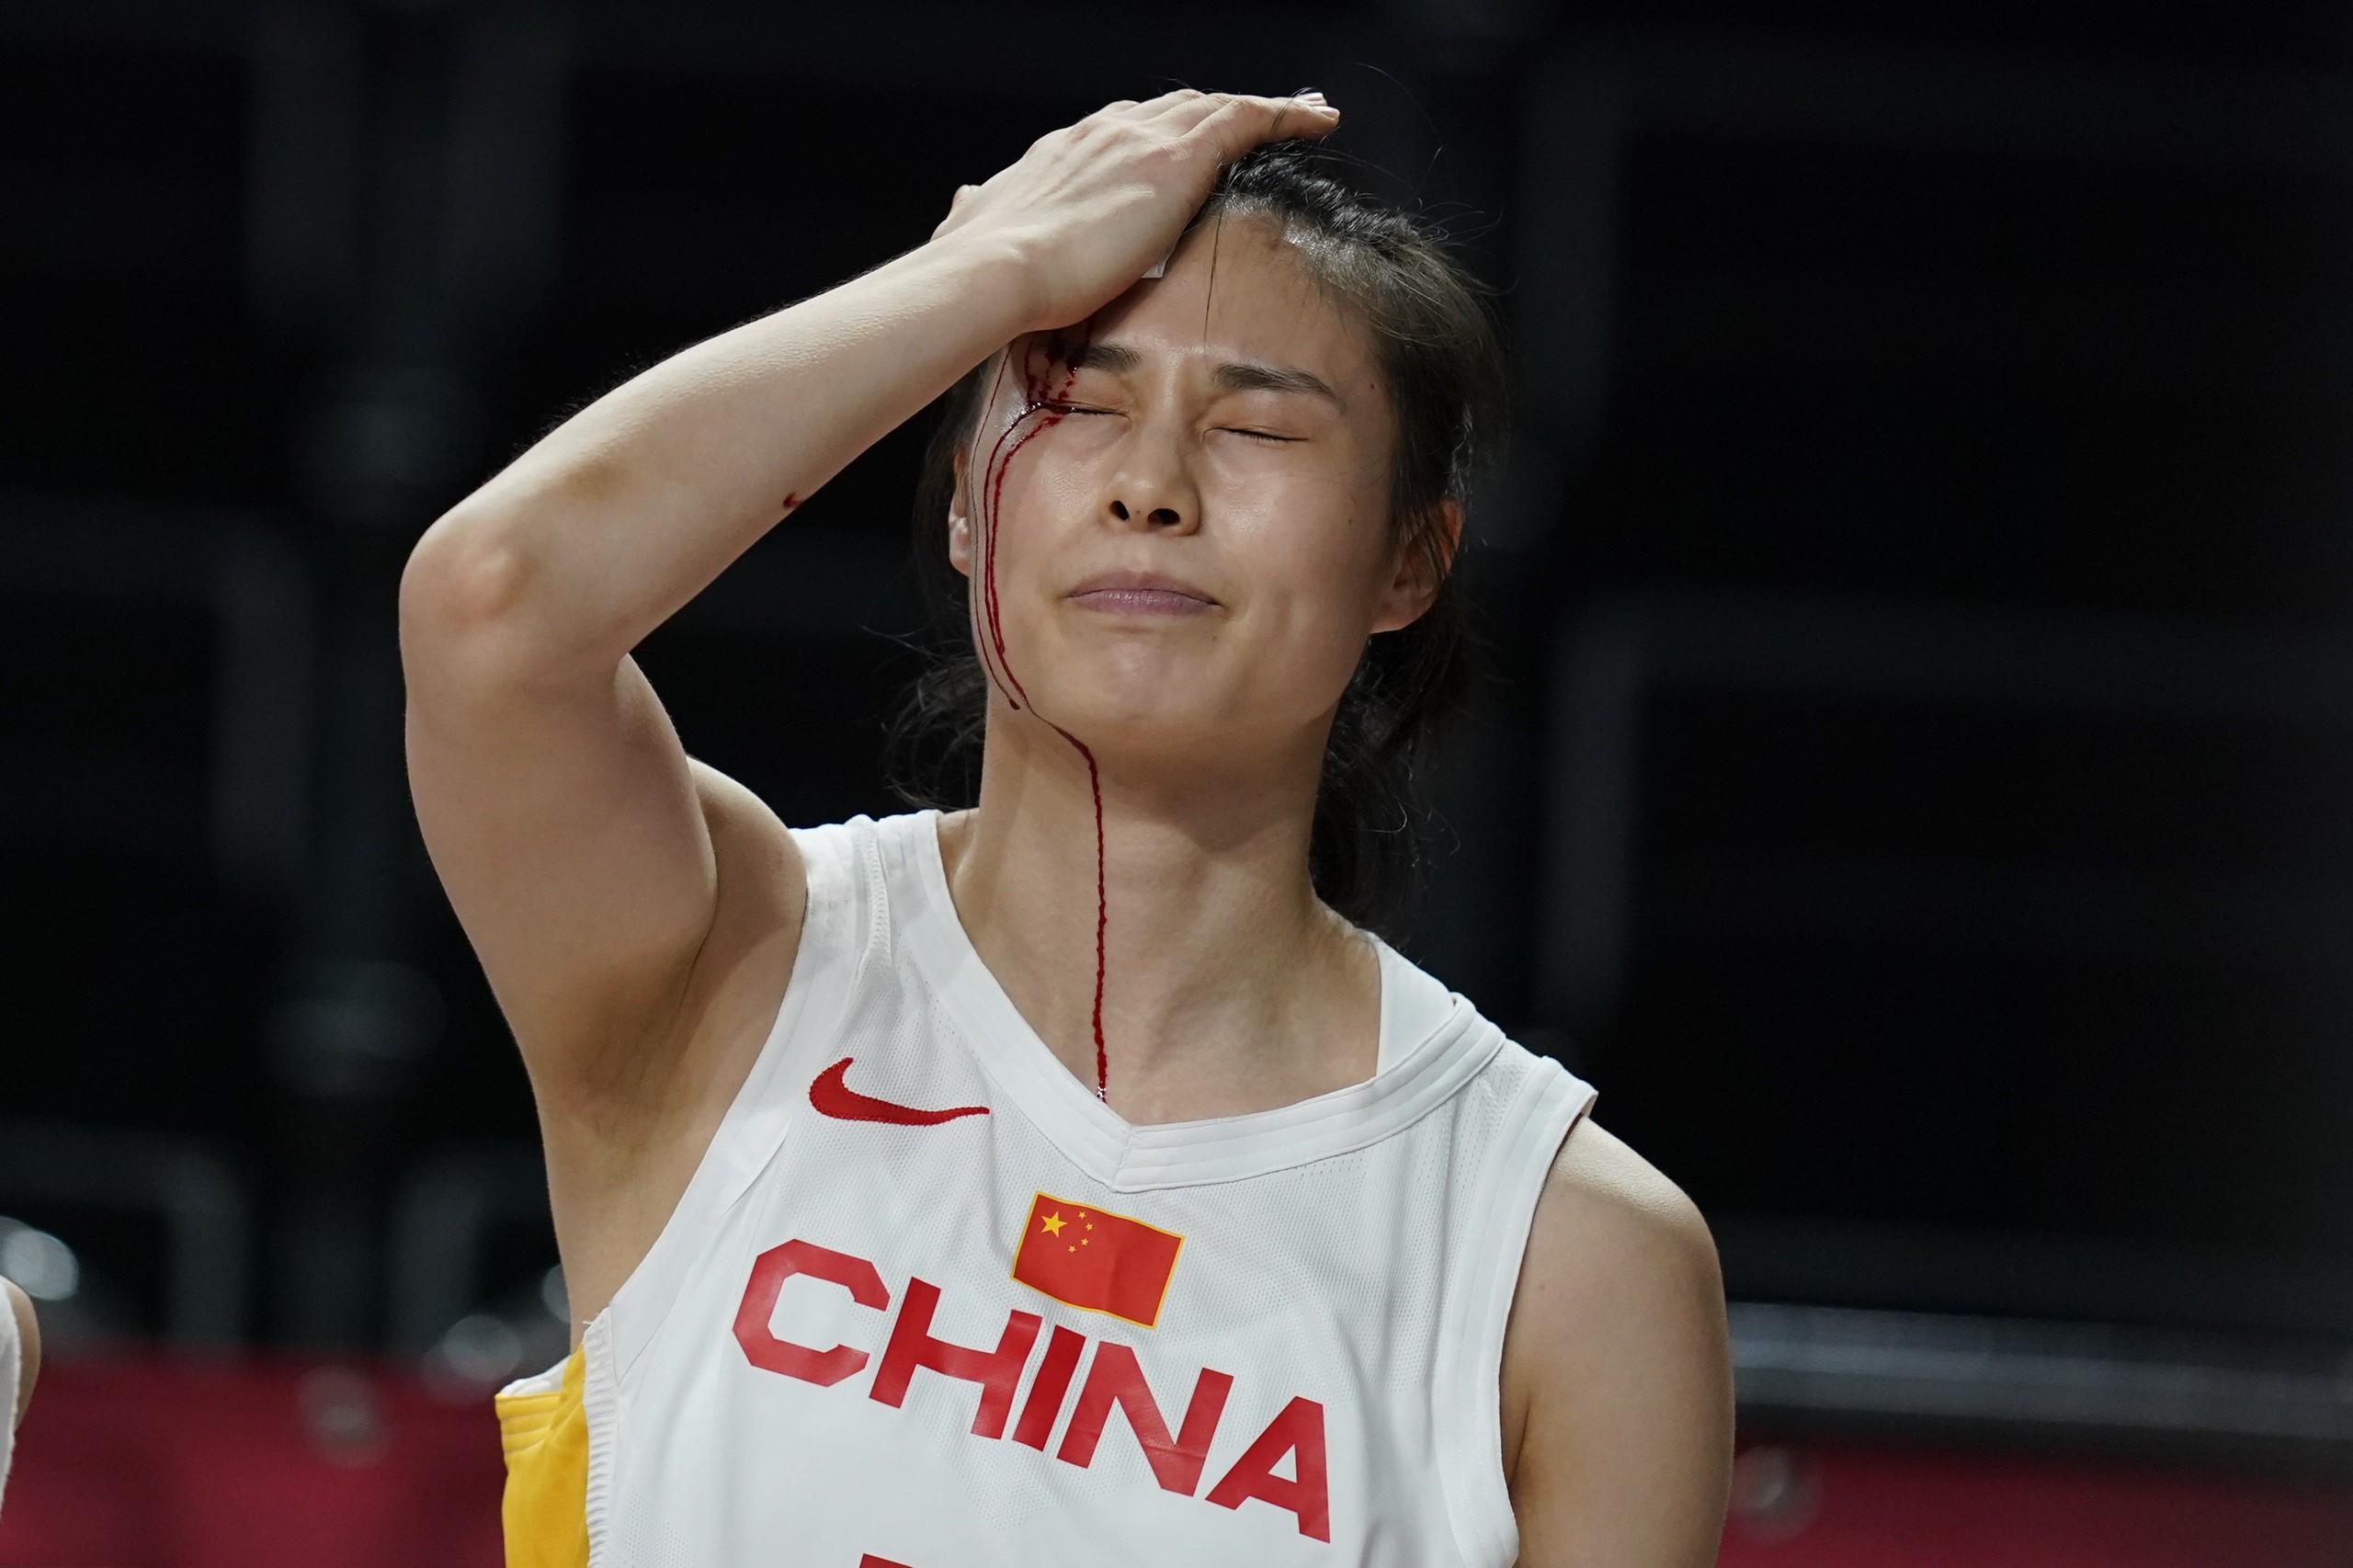 王思雨血流当场。